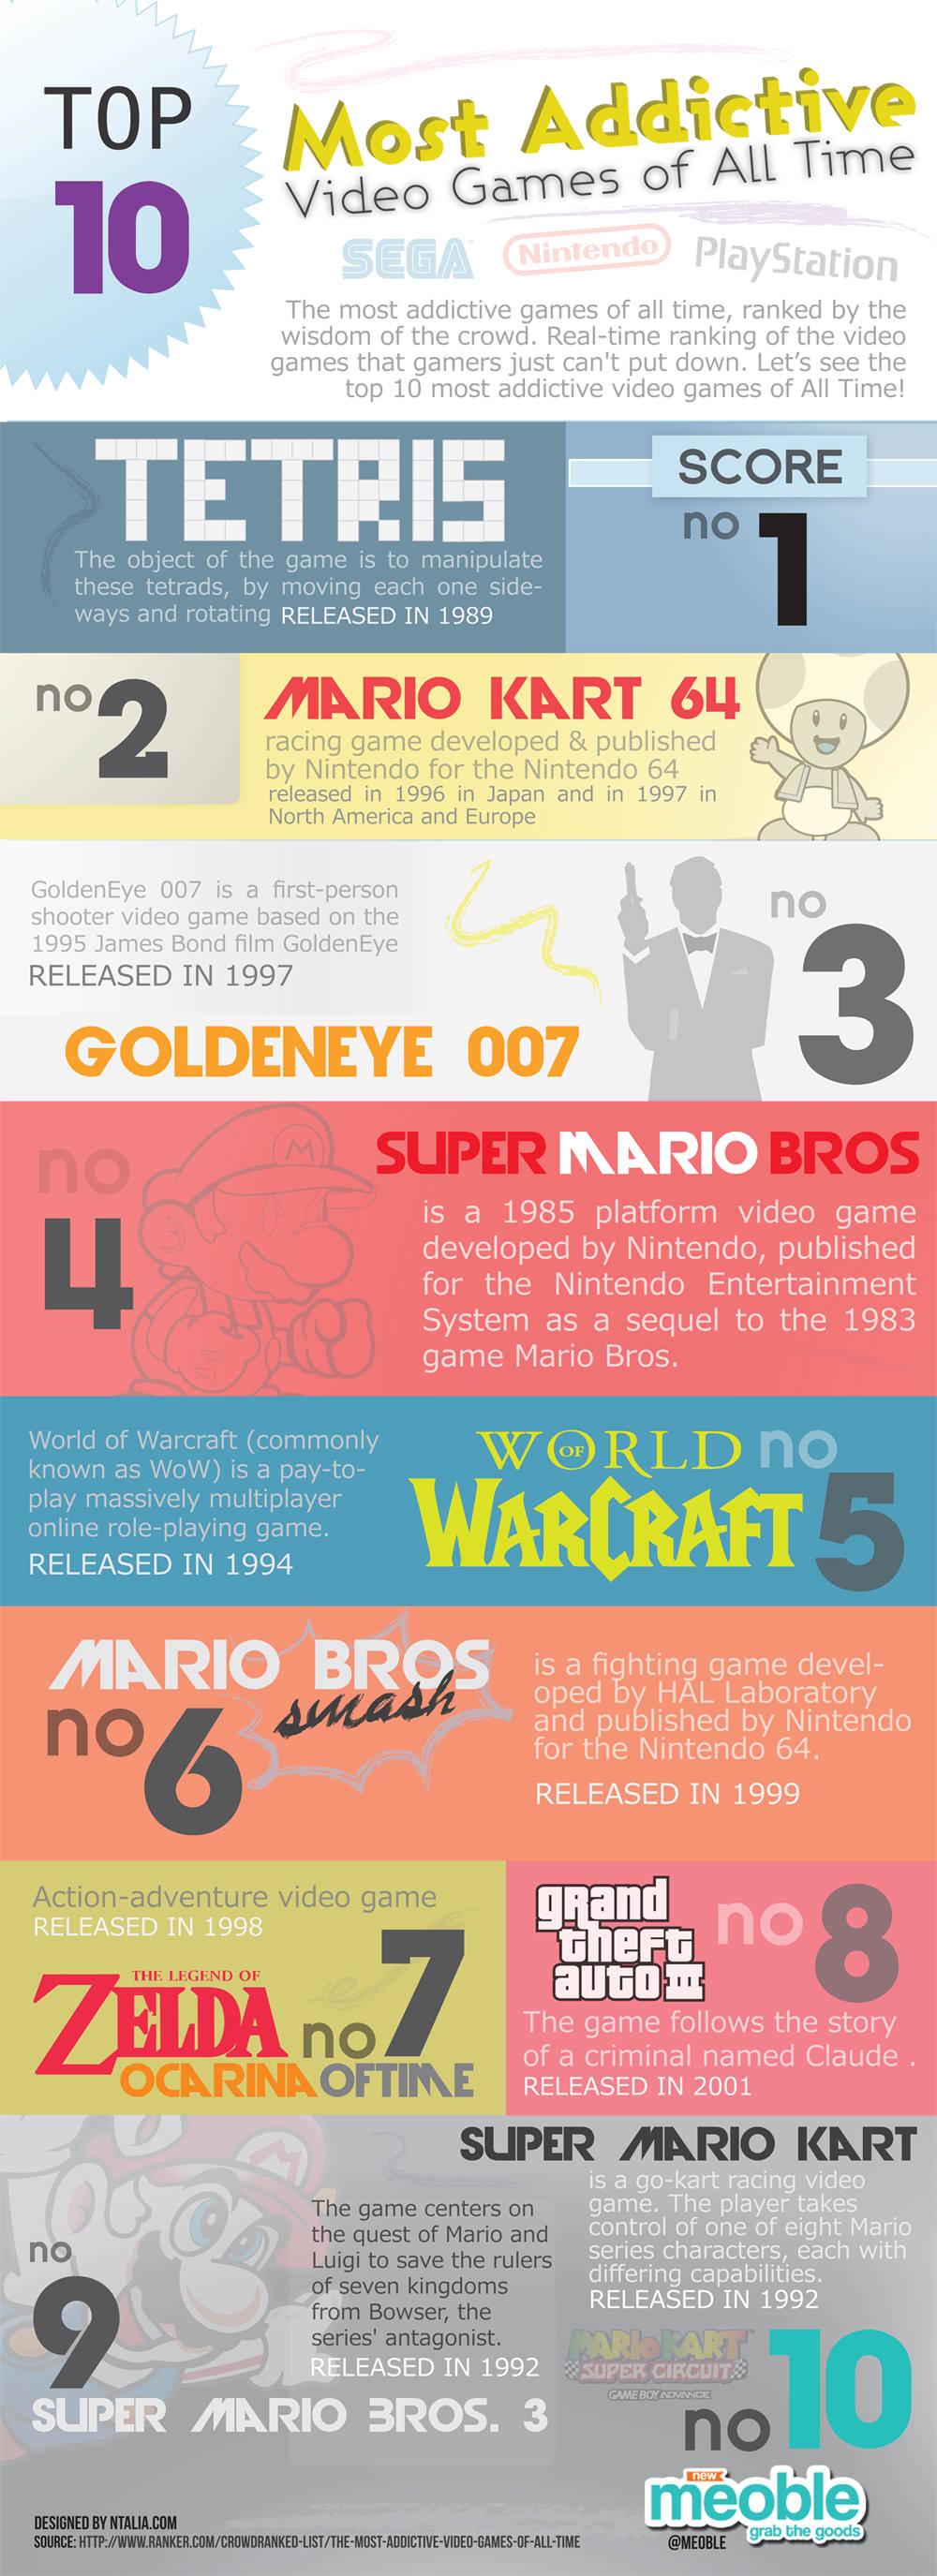 Los 10 videojuegos más aditctivos de todos los tiempos.